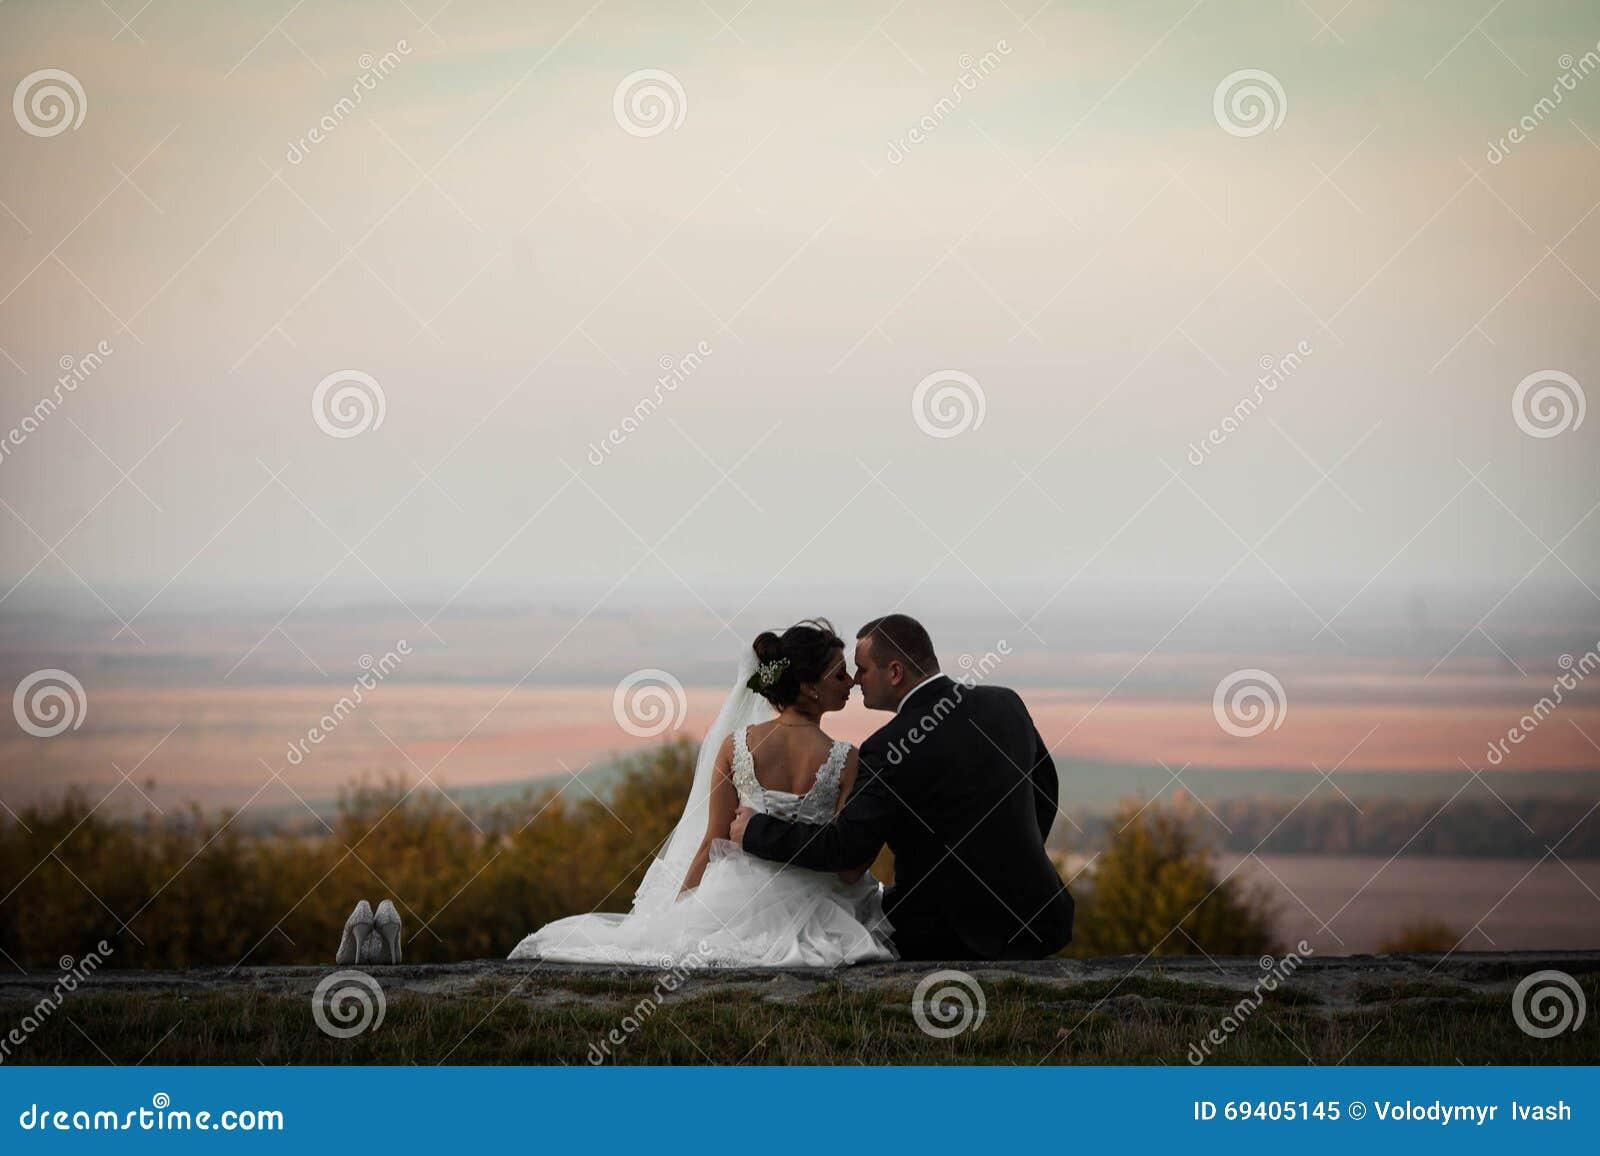 Heureux Magnifique élégant Romantique Doux Complètement Des